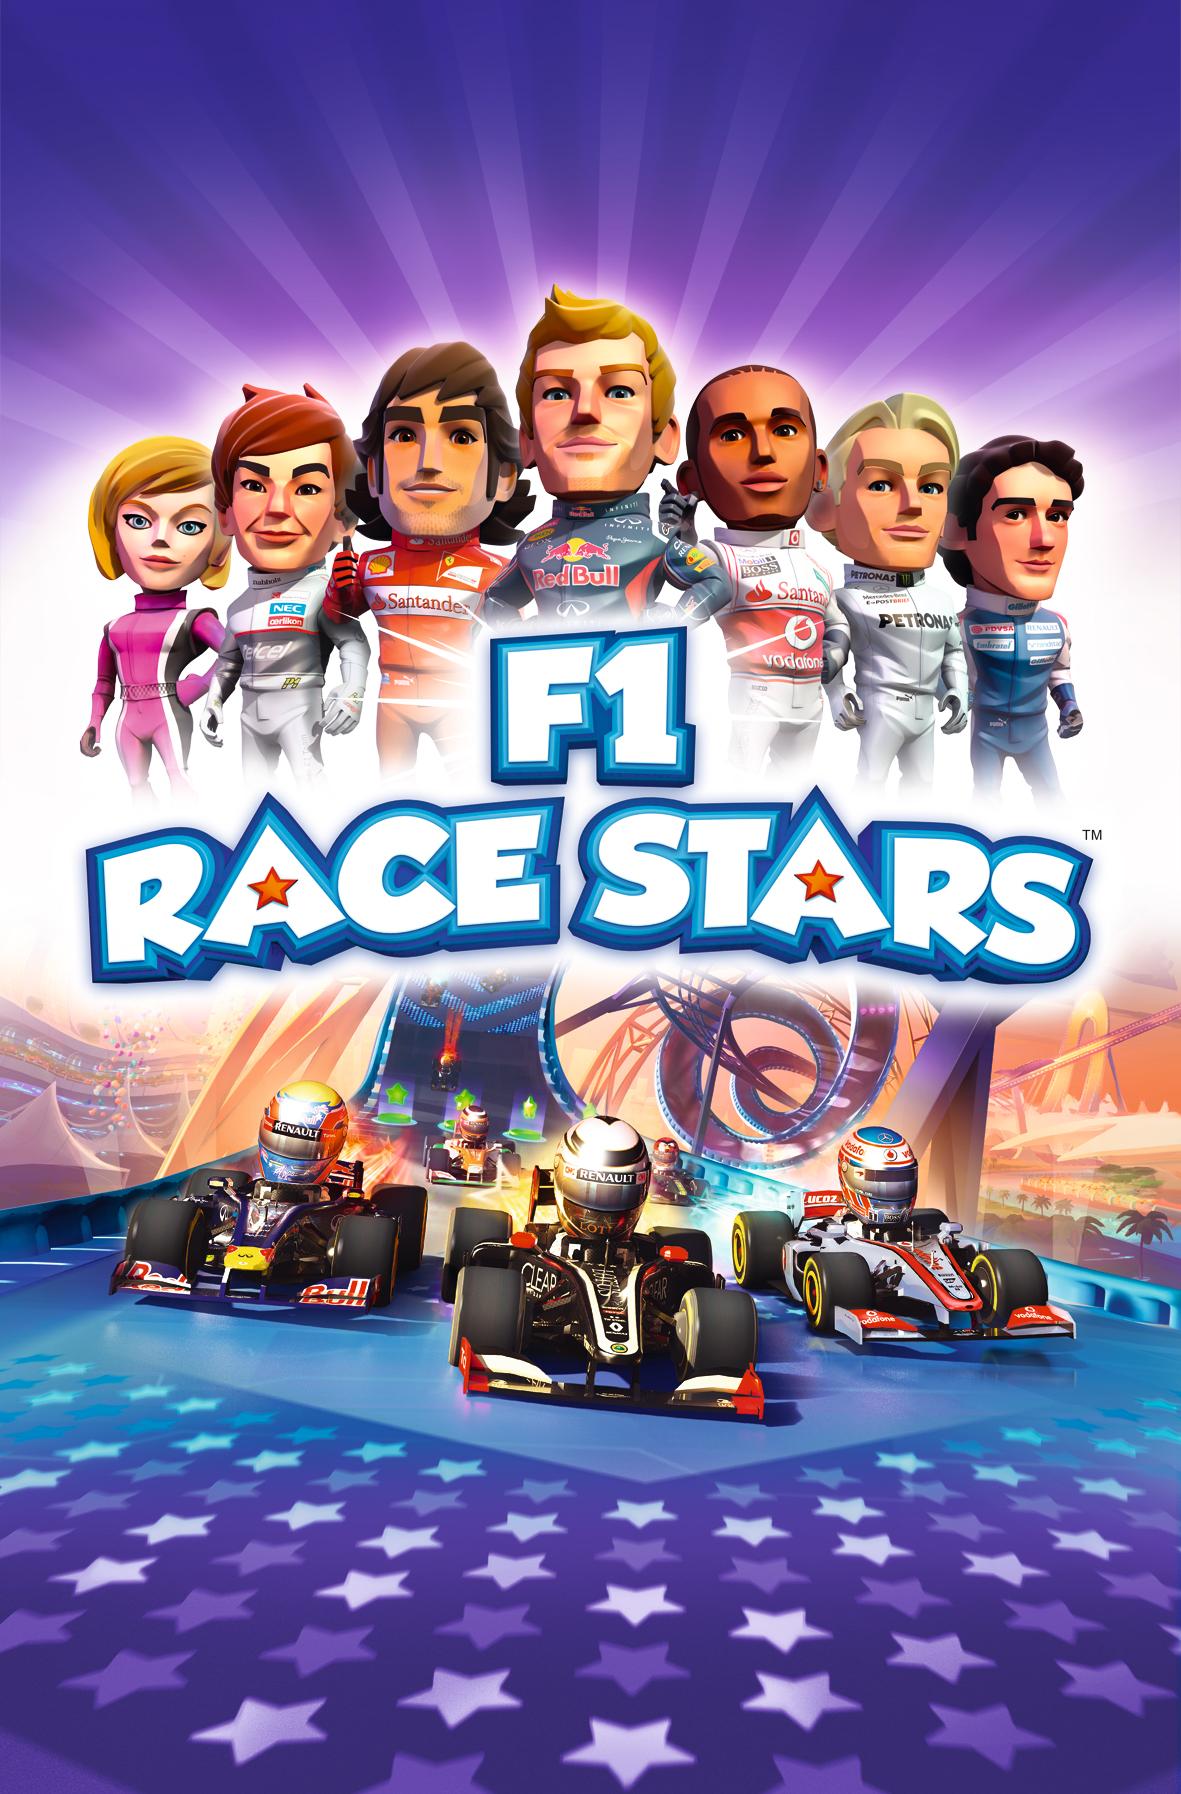 F1 RACE STARSのパッケージビジュアル。小林可夢偉選手が登場するのは日本版のみ